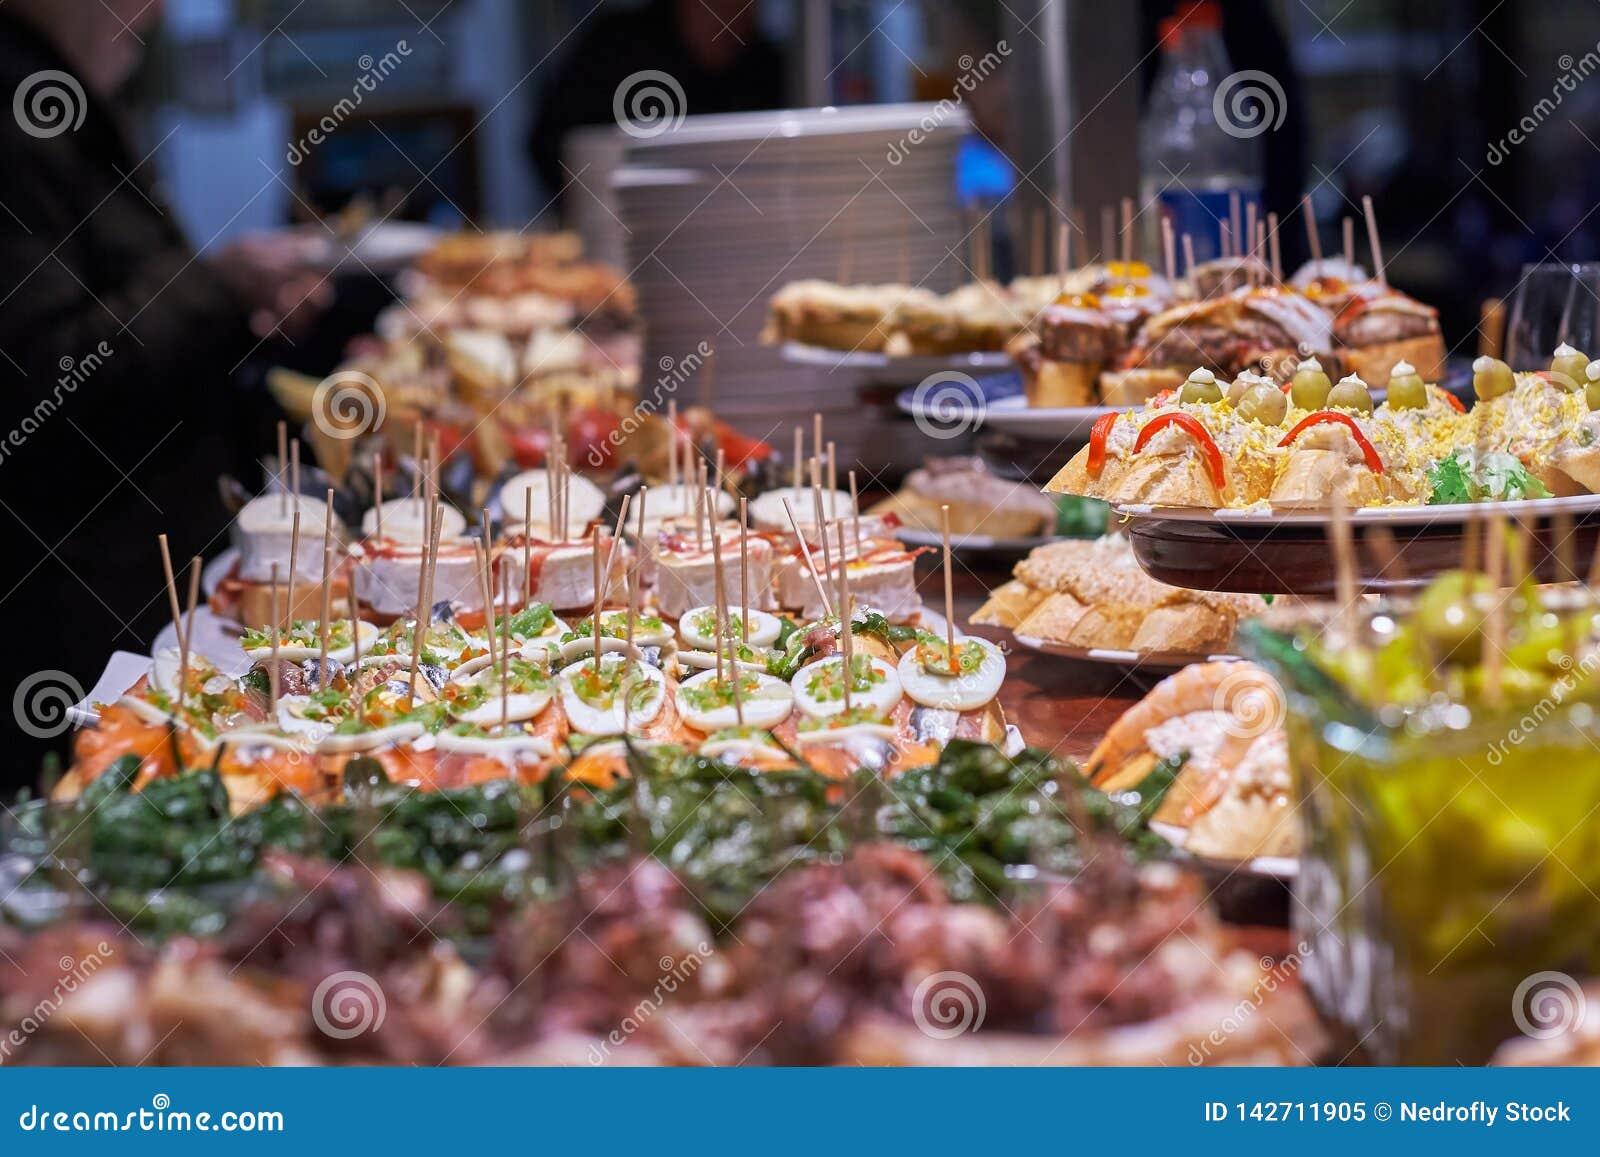 Pinchos и тапы типичные Басконий, Испании Выбор разных видов еды, который нужно выбрать от San Sebastian